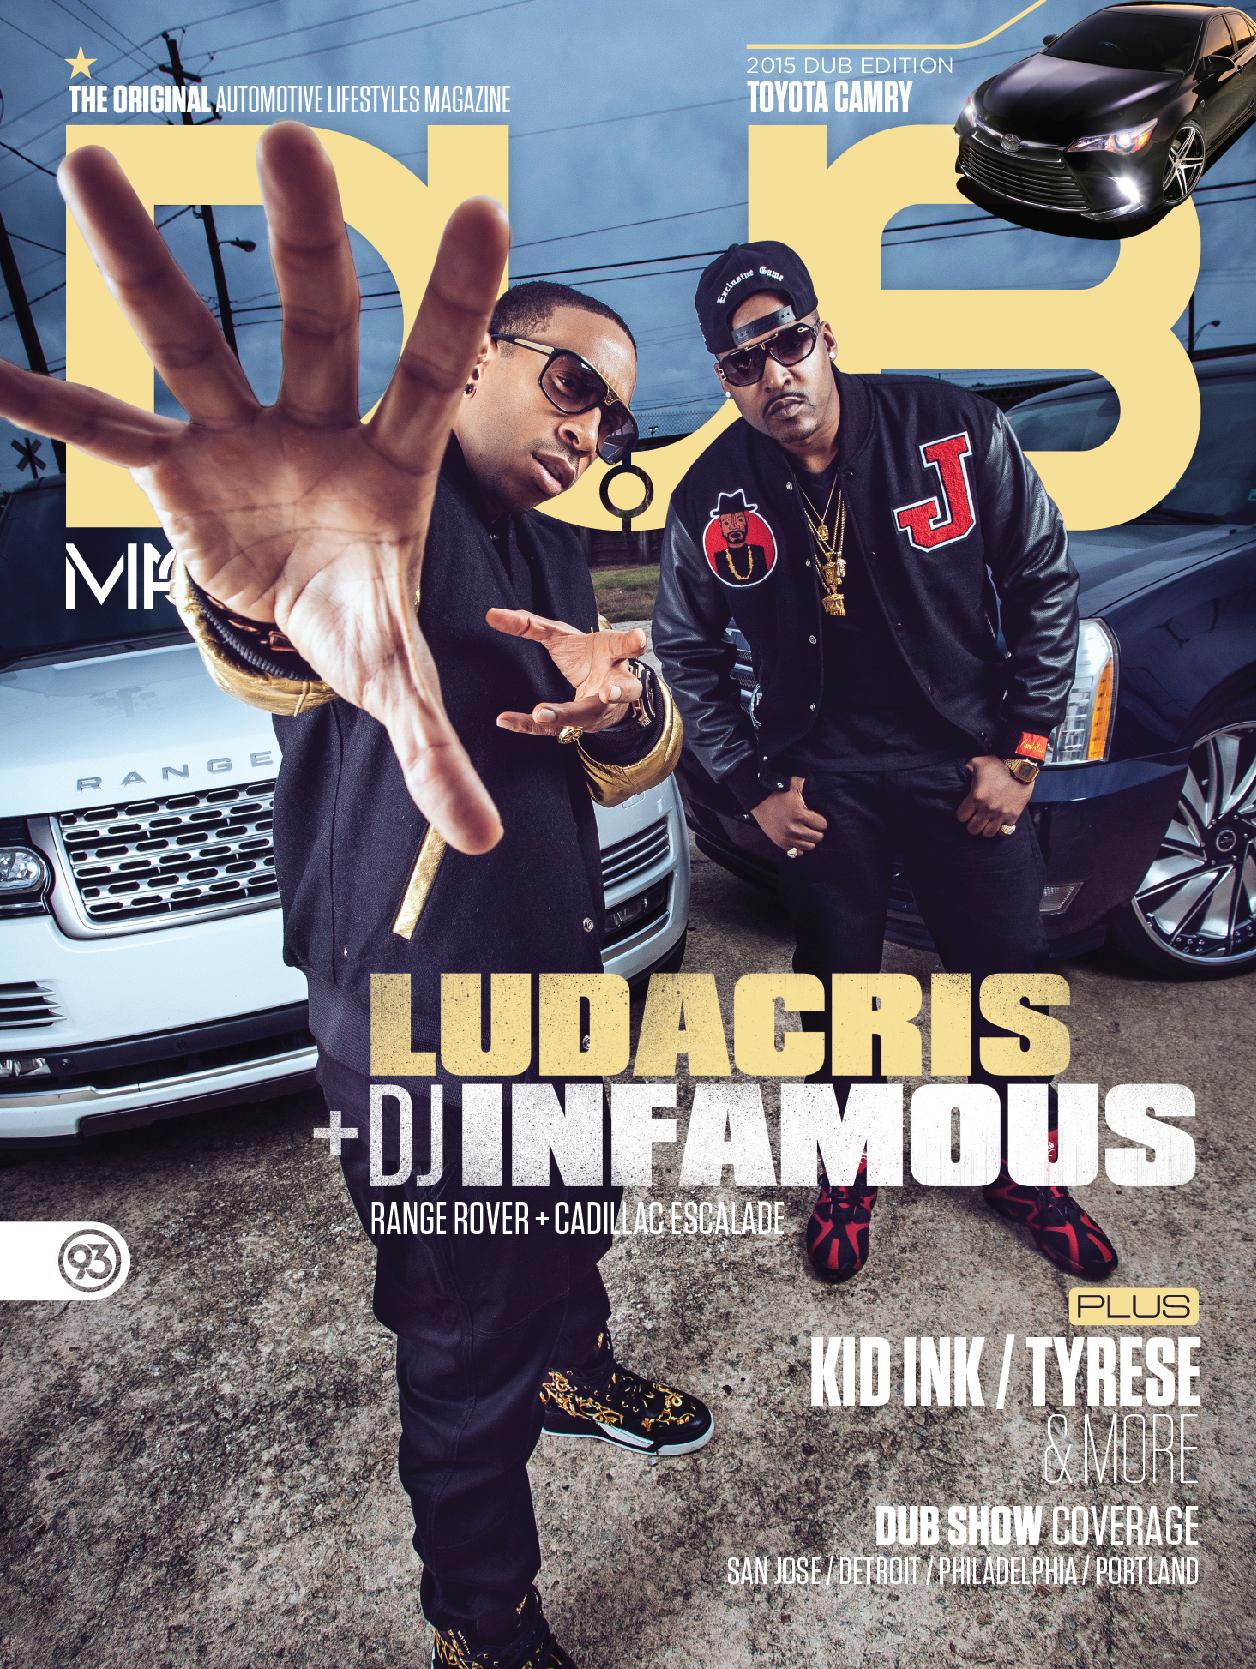 dub93_ludacris_infamous_cover